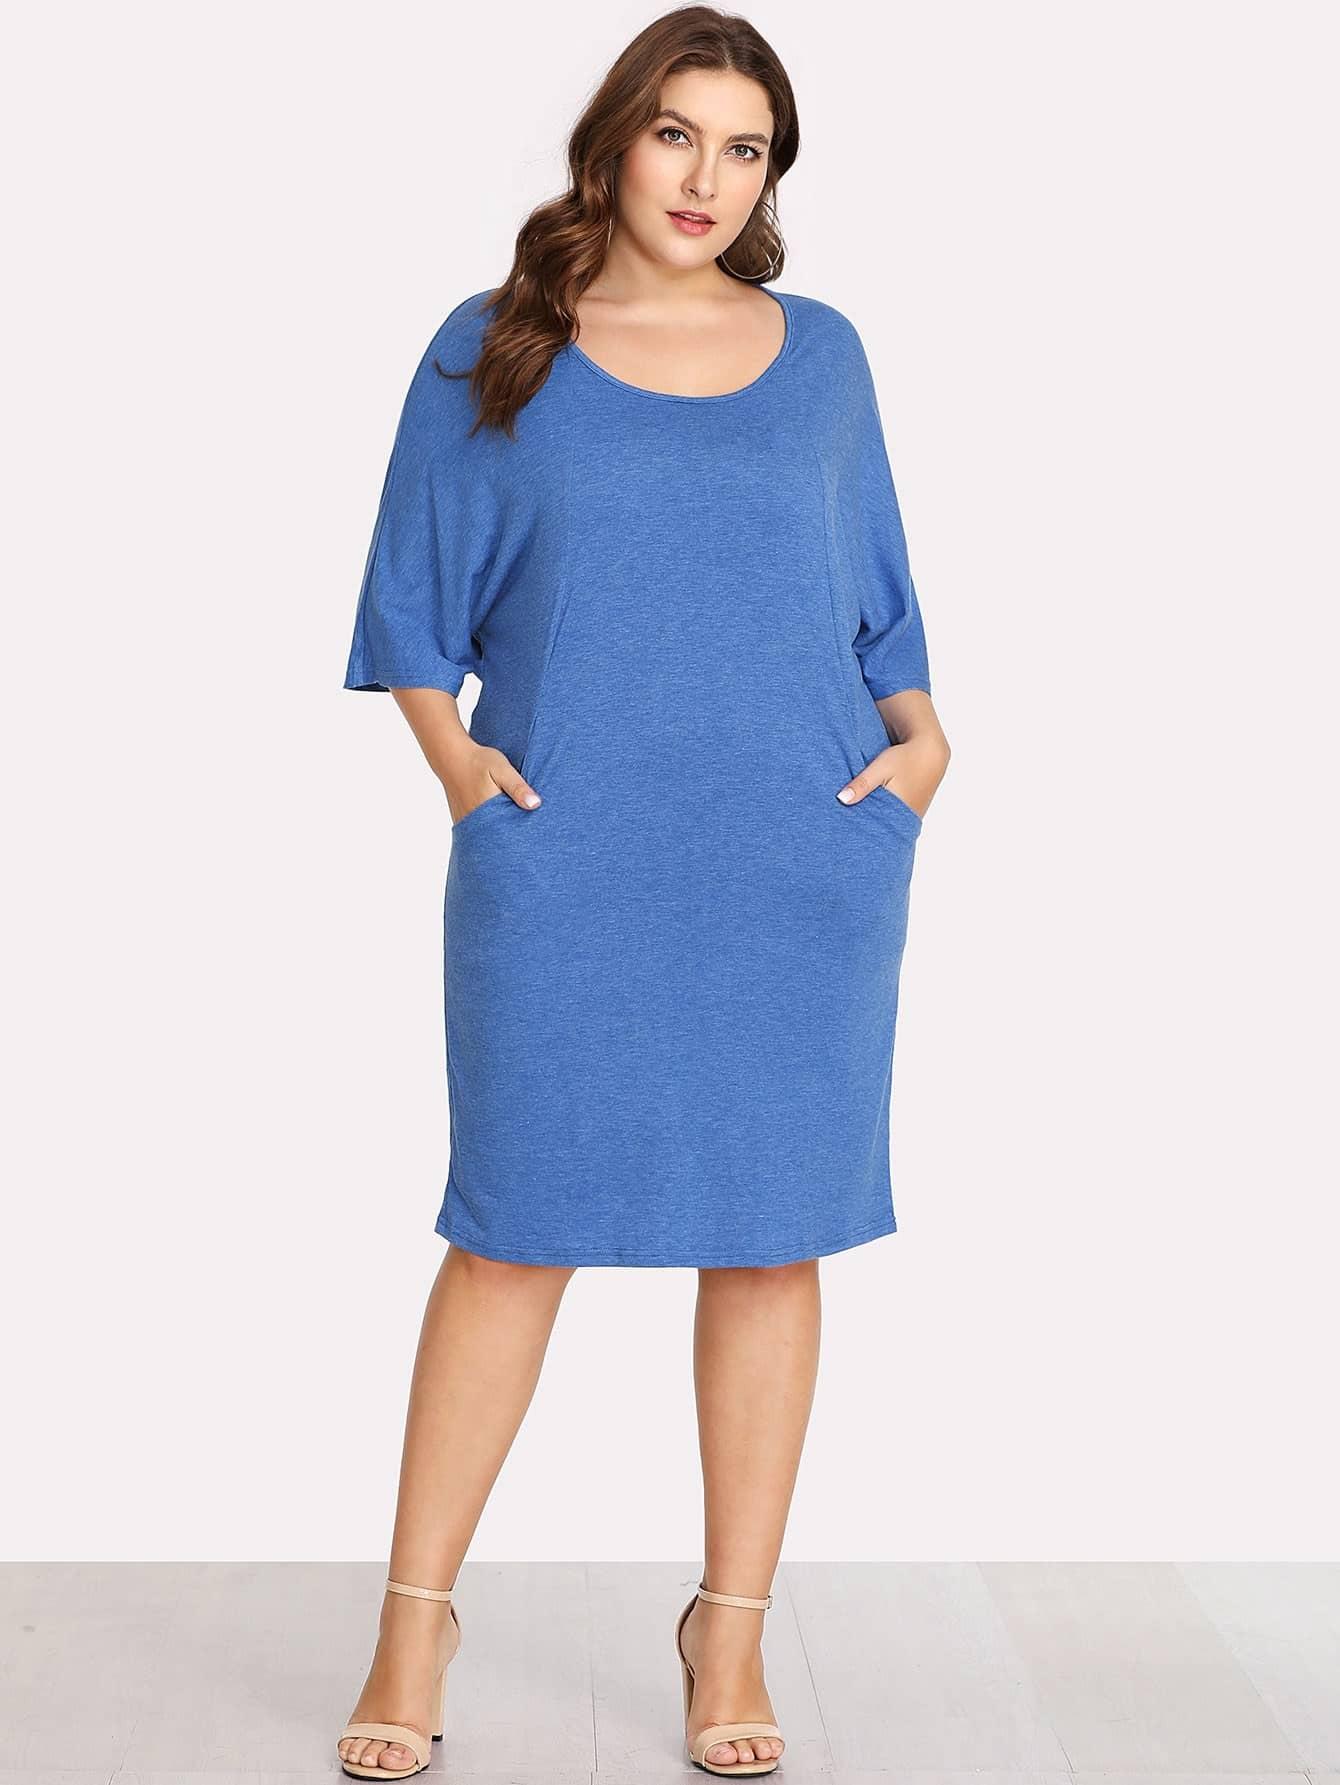 Scoop Neck Pocket Side Dress